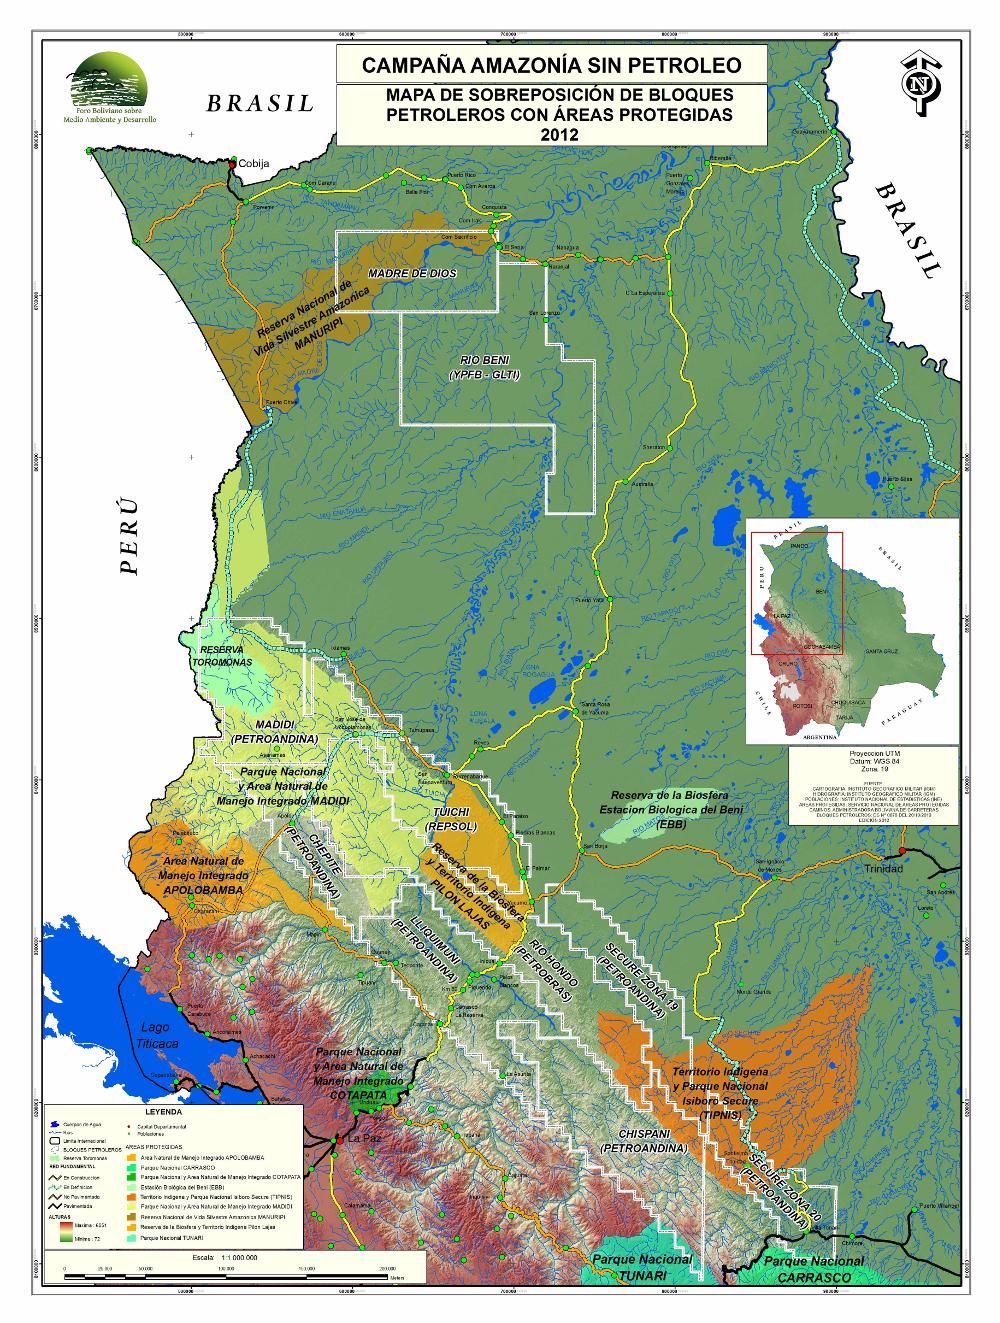 Campaña Amazonía sin Petroleo Mapa de sobreposición de bloques petroleros con áreas protegidas